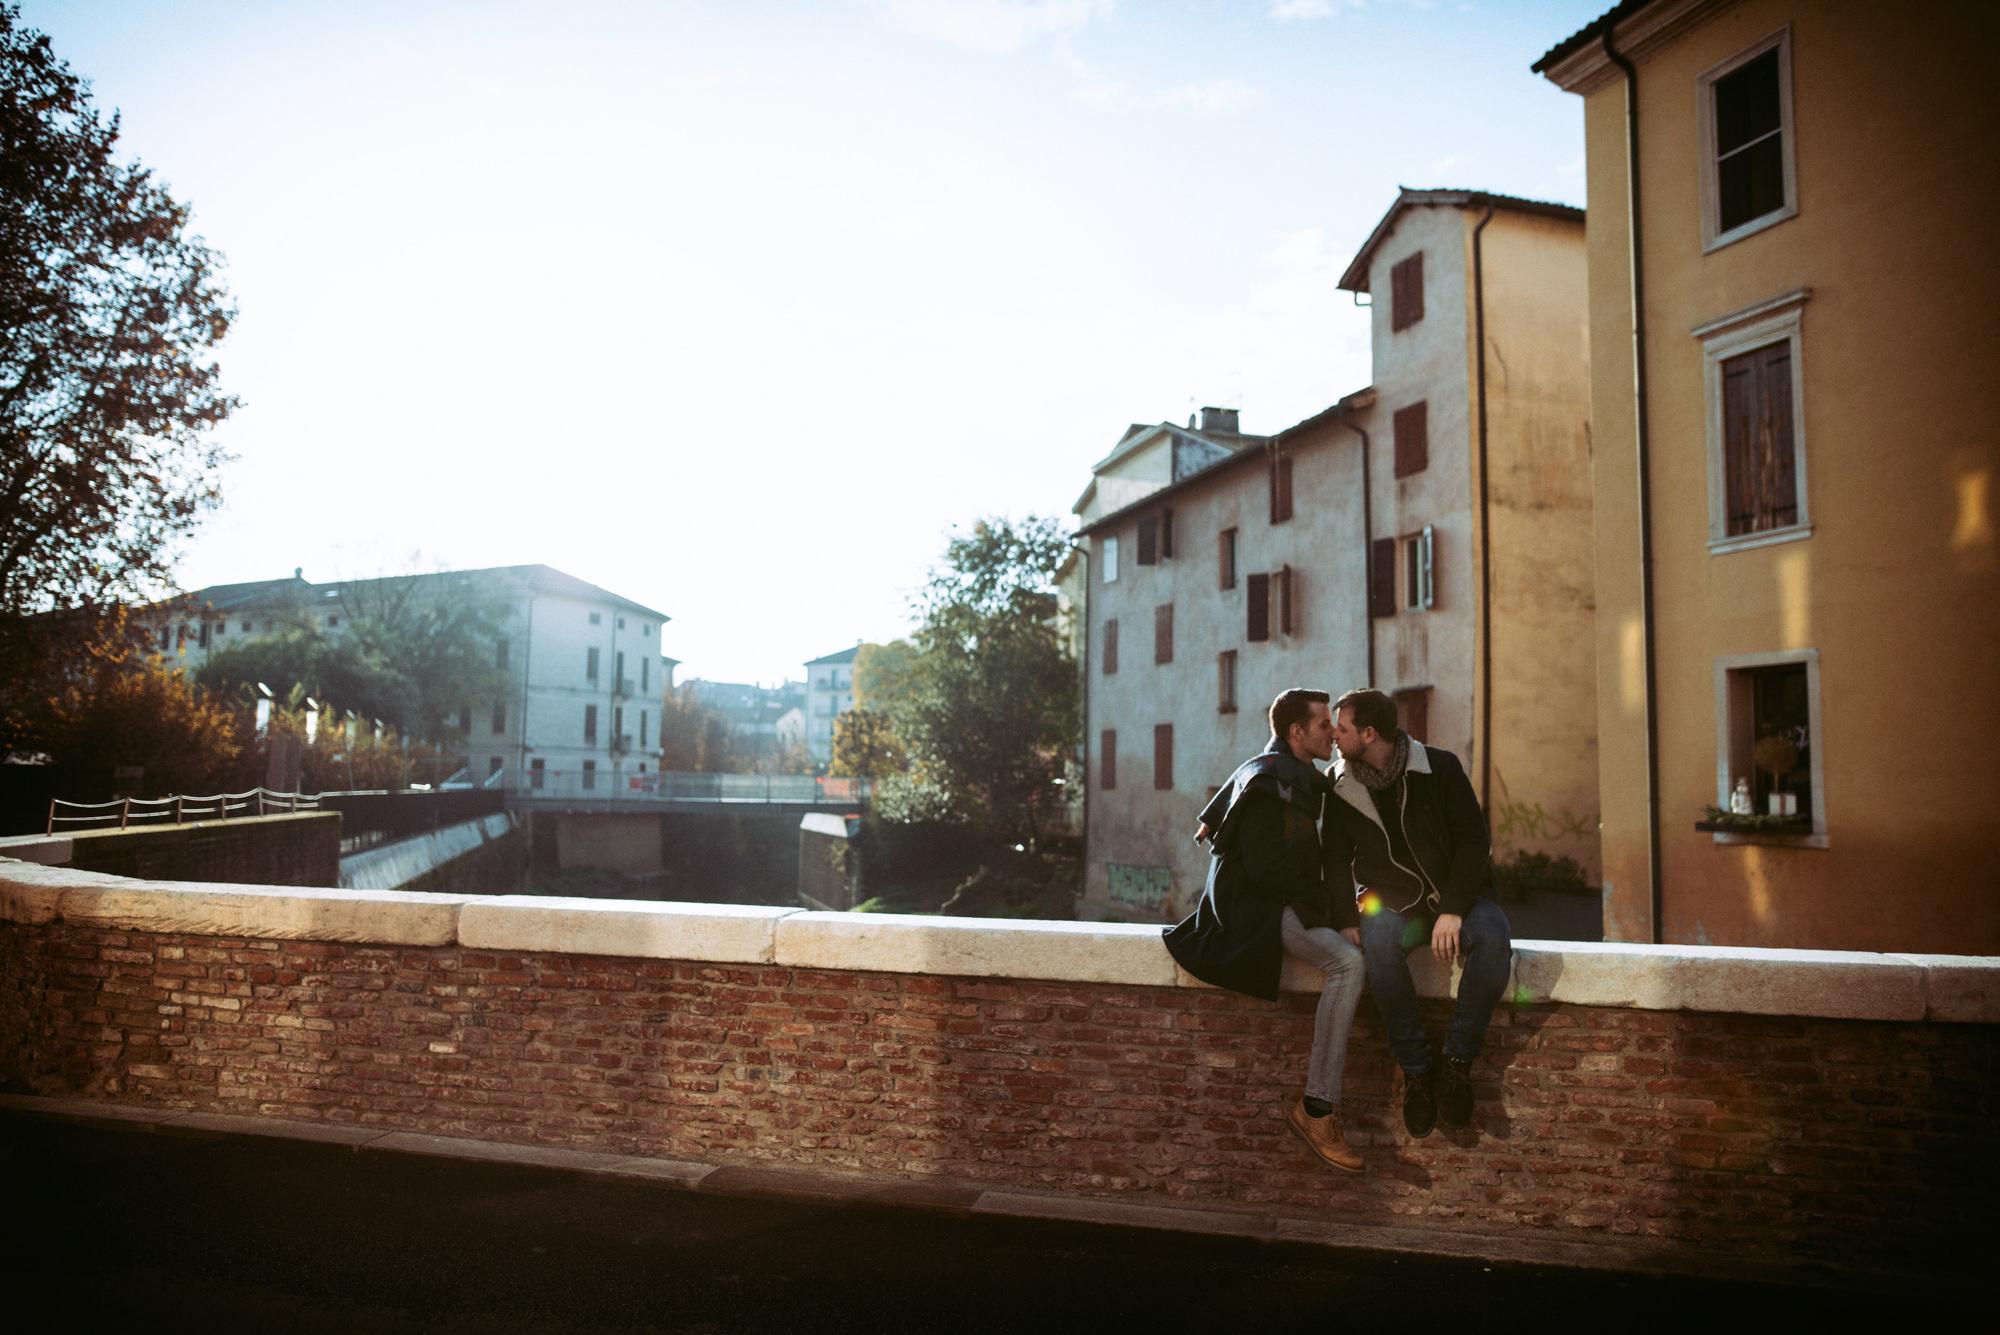 samesex couple photos italy 006 - Same-Sex Couple Photos Italy - Luca & Filippo